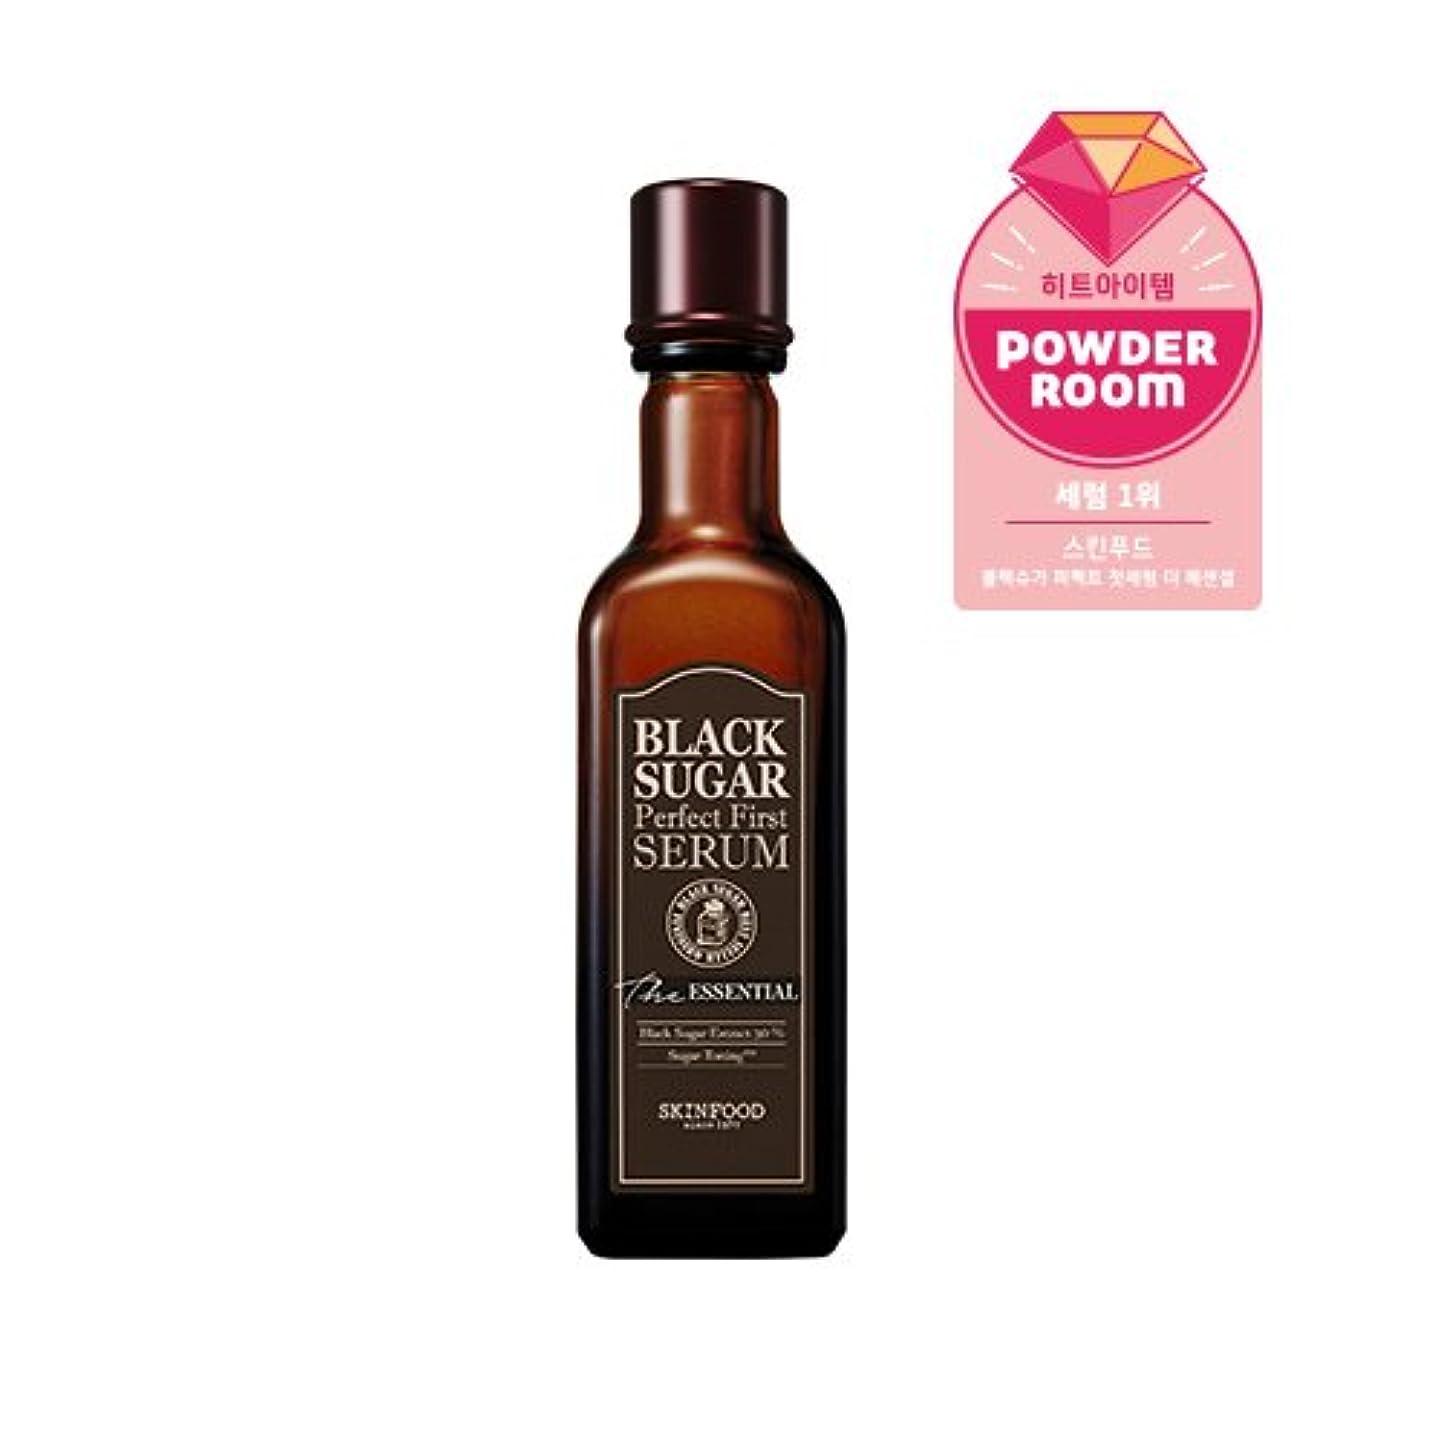 フォーカス用心深い前書きSkinfood black sugar perfect first serum the essential/黒糖完璧な最初の血清必須/120ml +60ea [並行輸入品]